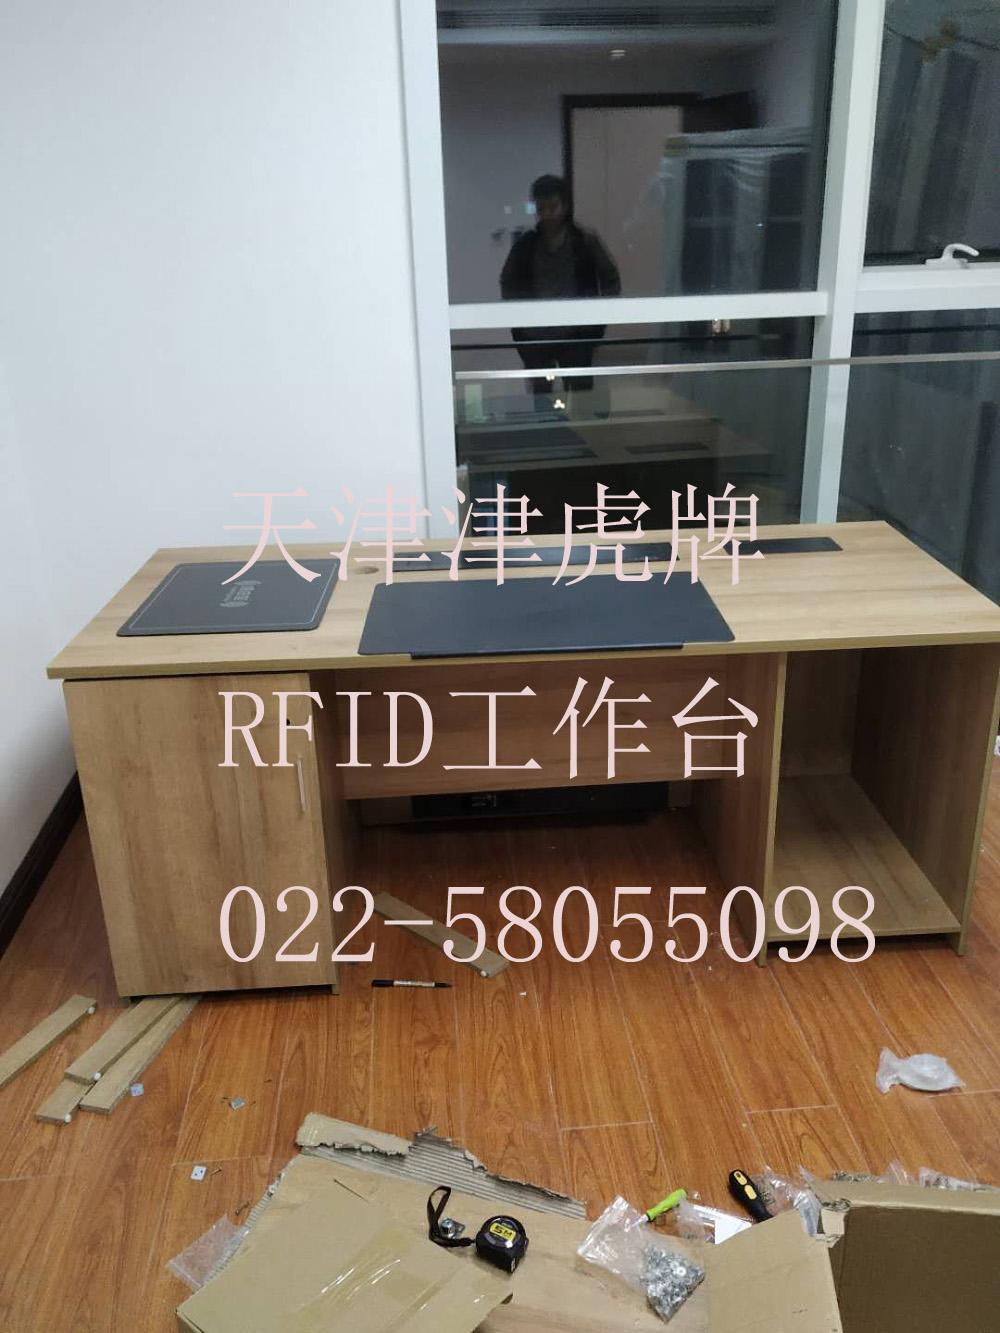 RFID图书一体工作台,RFID档案管理一体工作台